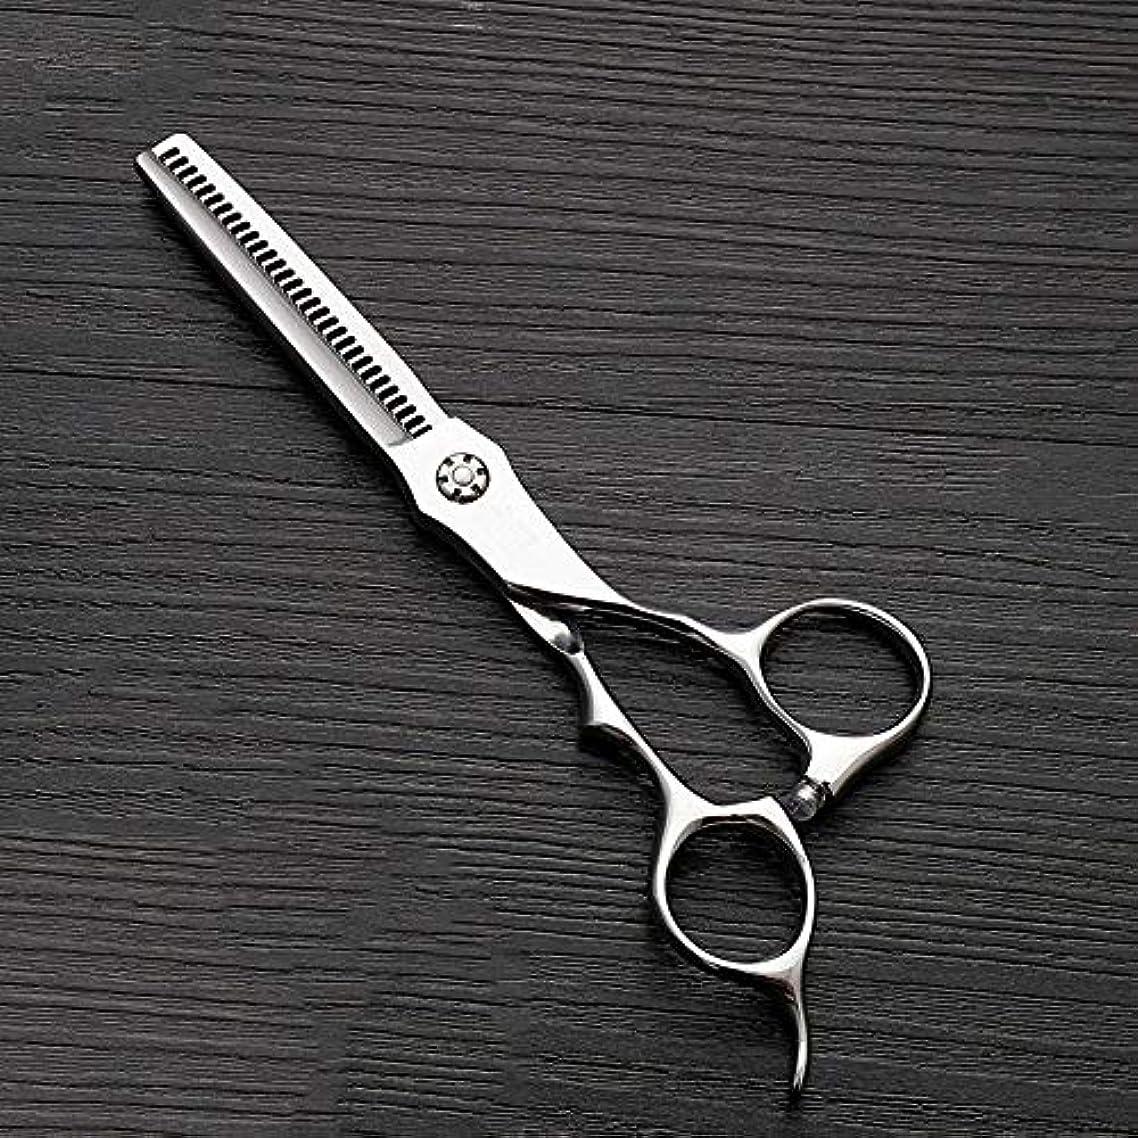 廃止する怠なウサギ6インチのステンレス鋼の歯のせん断の薄くする理髪はさみ、美容院の特別なはさみ ヘアケア (色 : Silver)